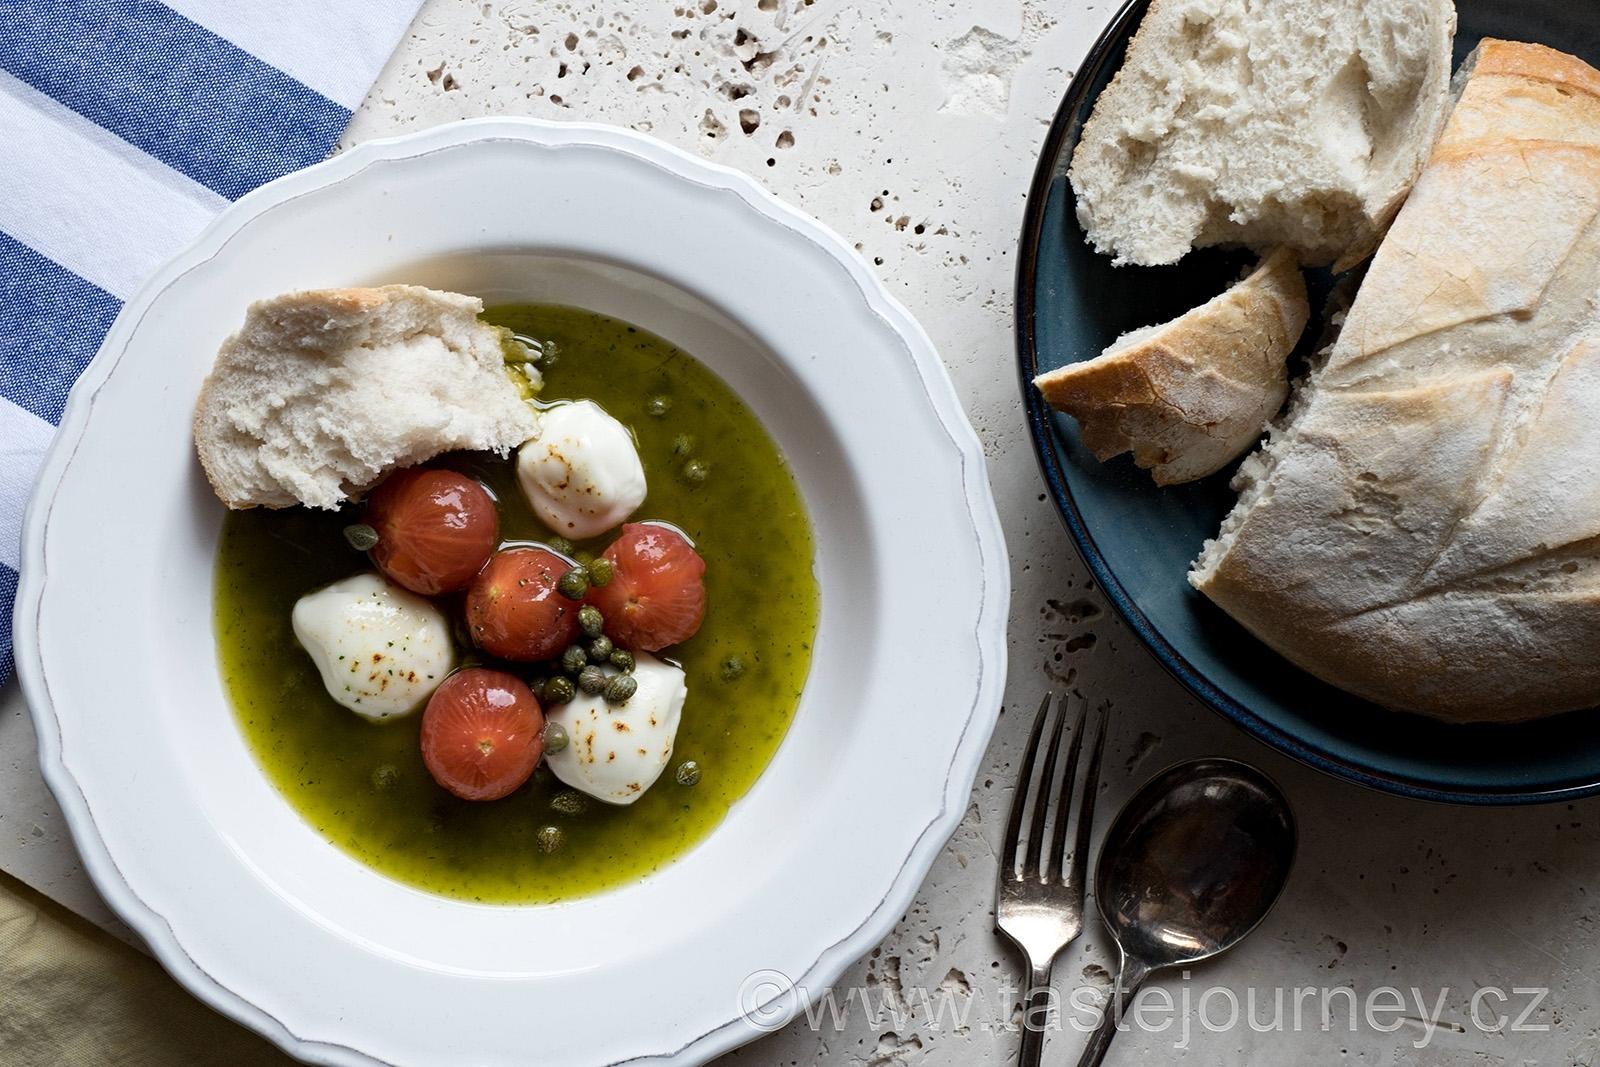 Podáváme s bílým chlebem, který namáčíme do tymiánového oleje